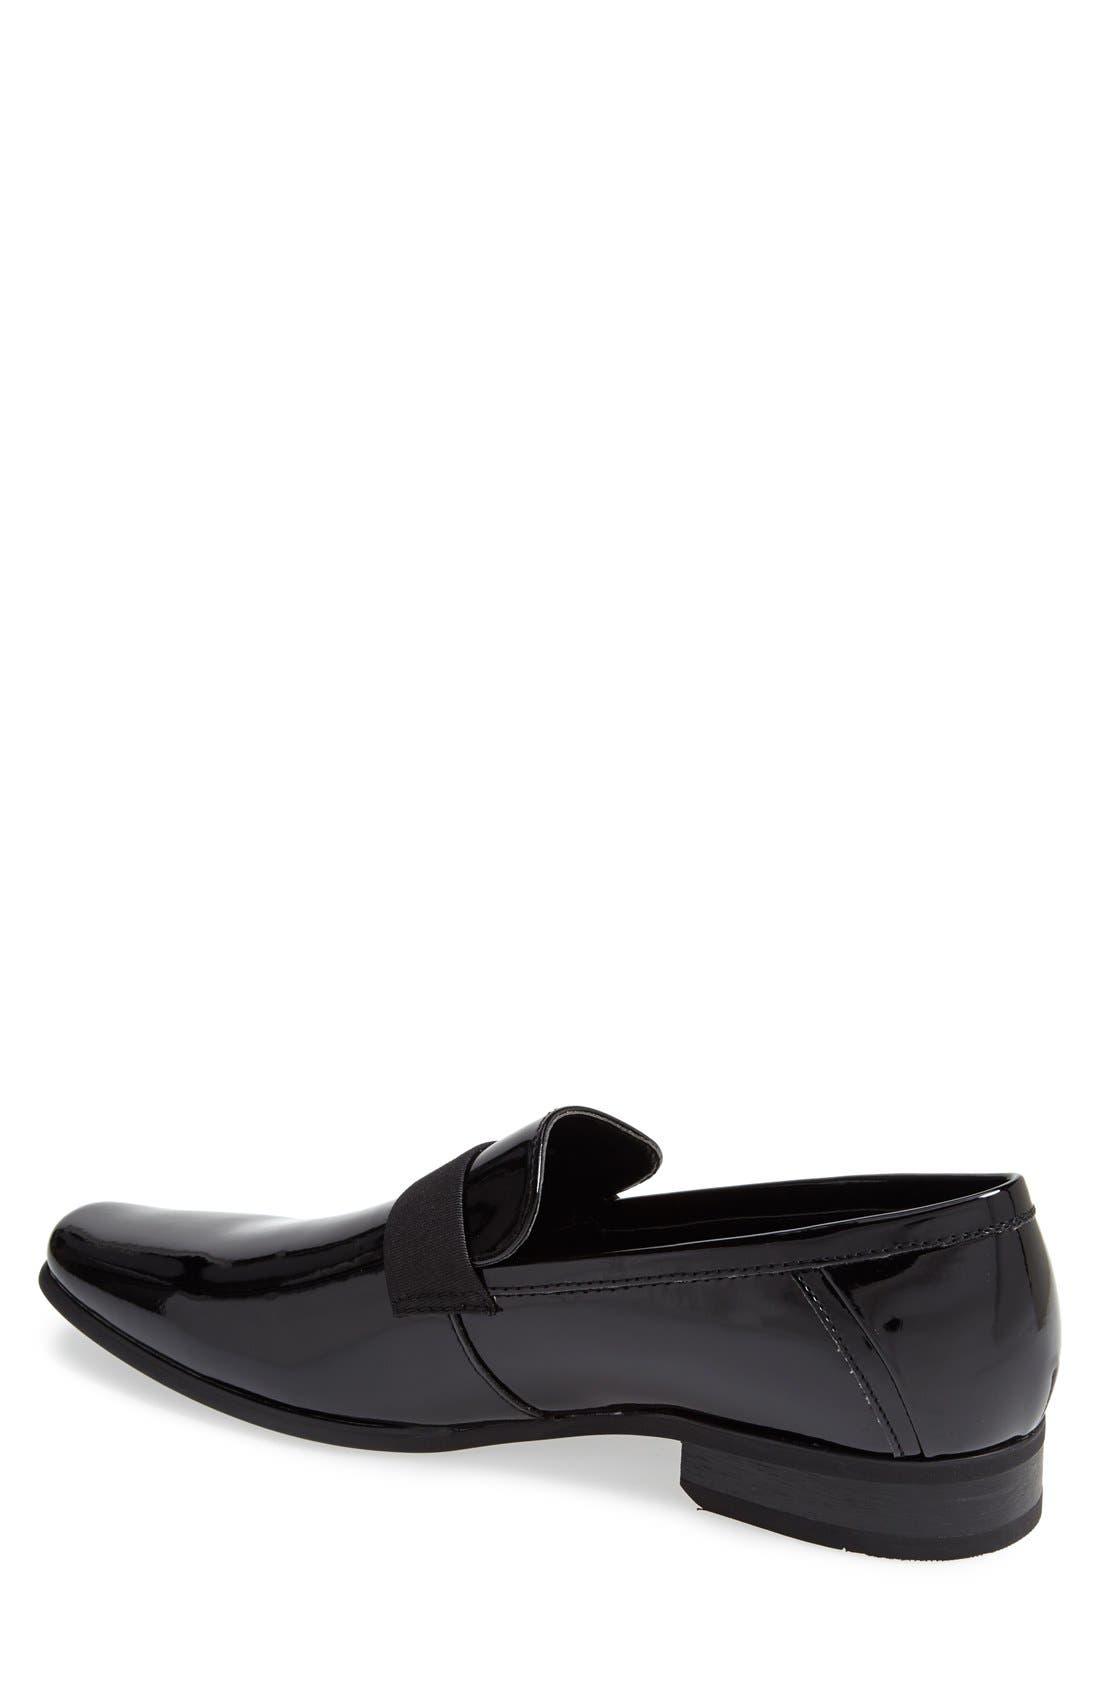 CALVIN KLEIN,                             'Bernard' Venetian Loafer,                             Alternate thumbnail 4, color,                             BLACK